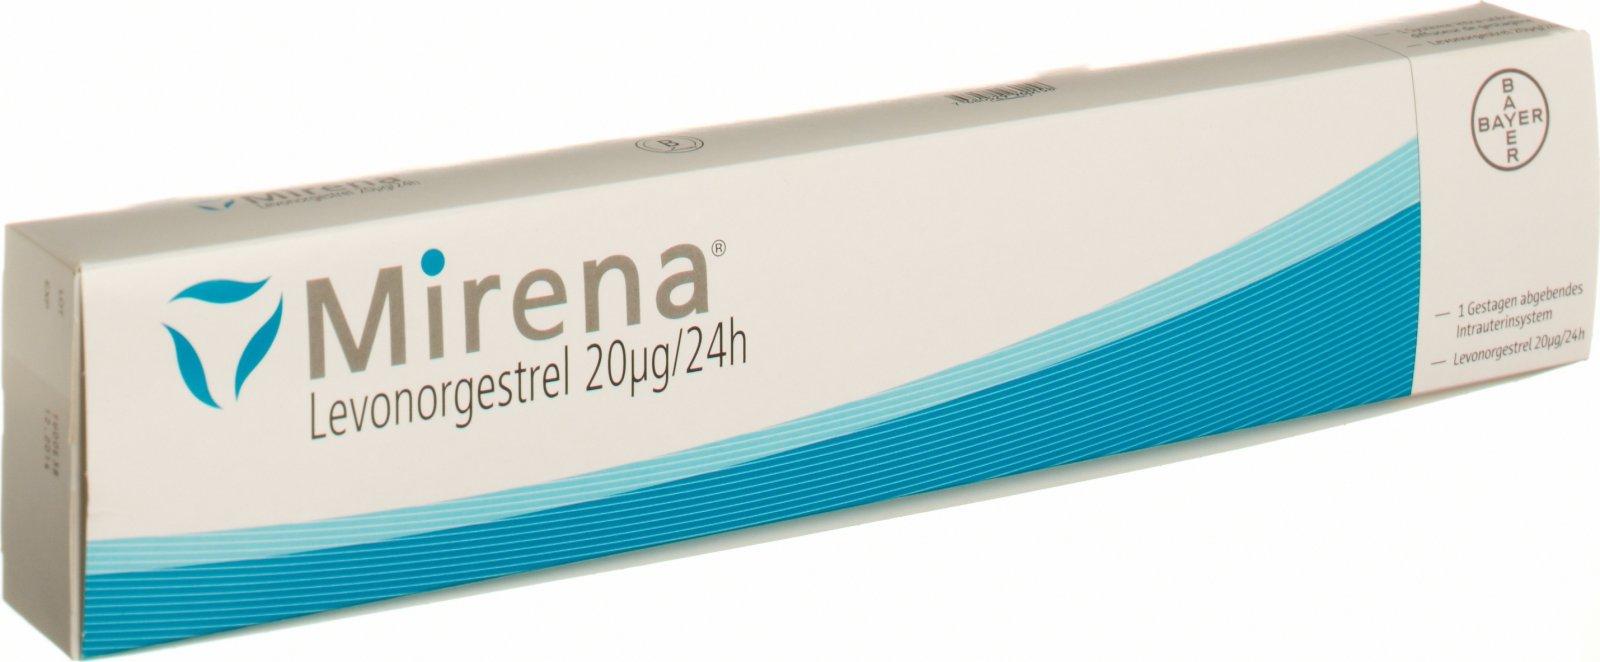 Wechseljahre hormonspirale mirena und Mirena für